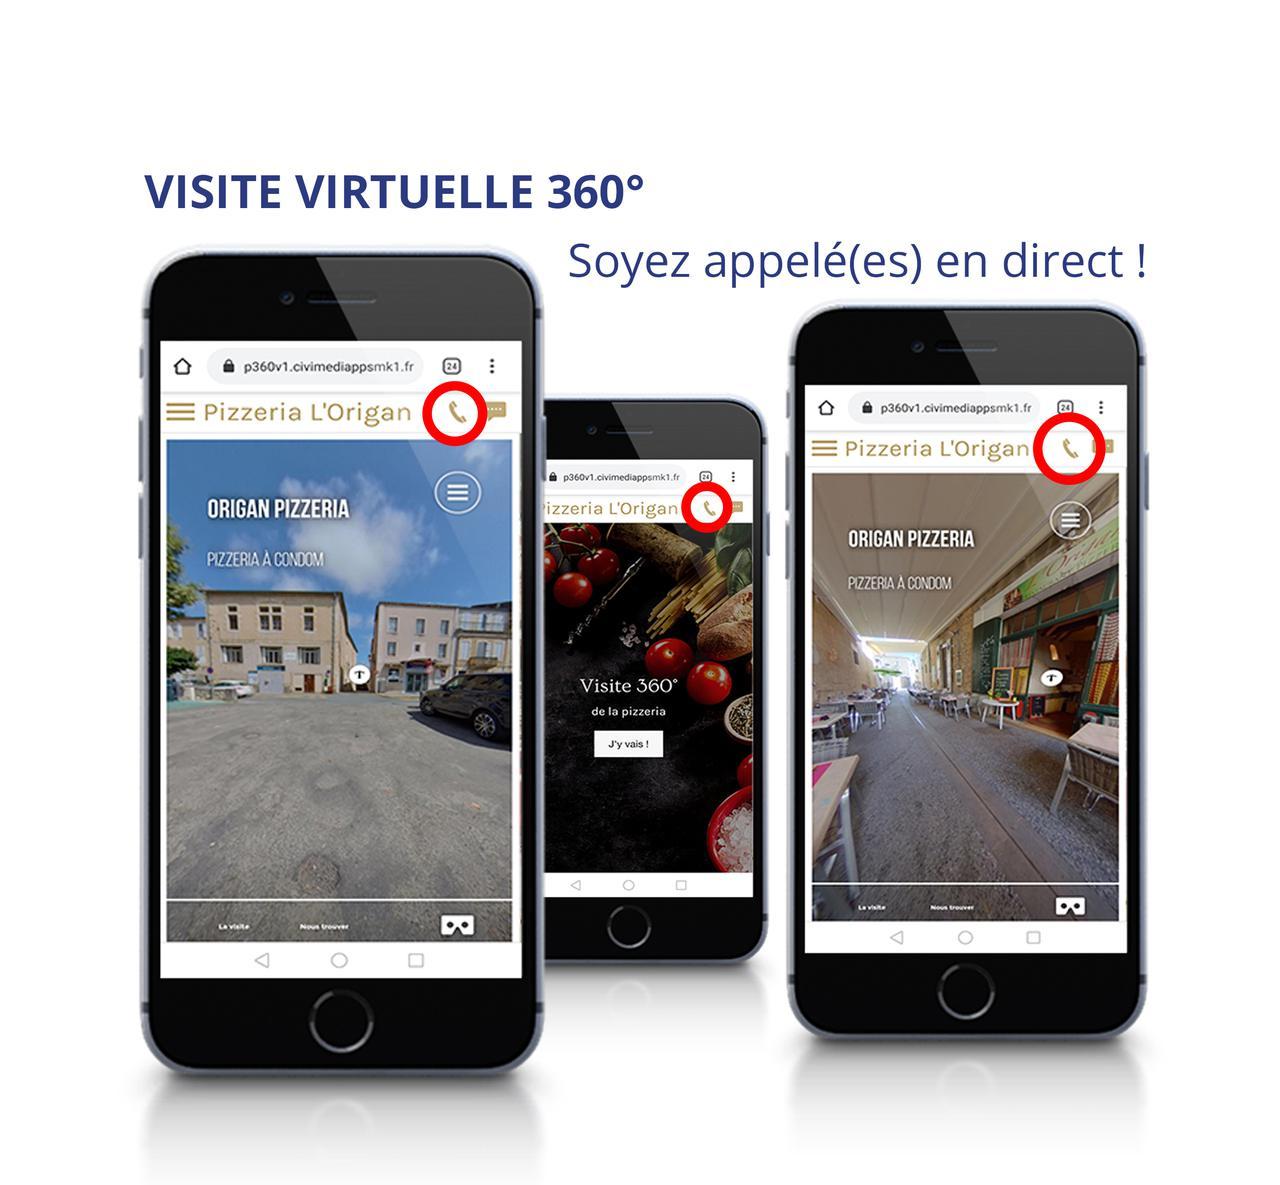 Visite virtuelle 360°, soyez appelé(e) en direct...